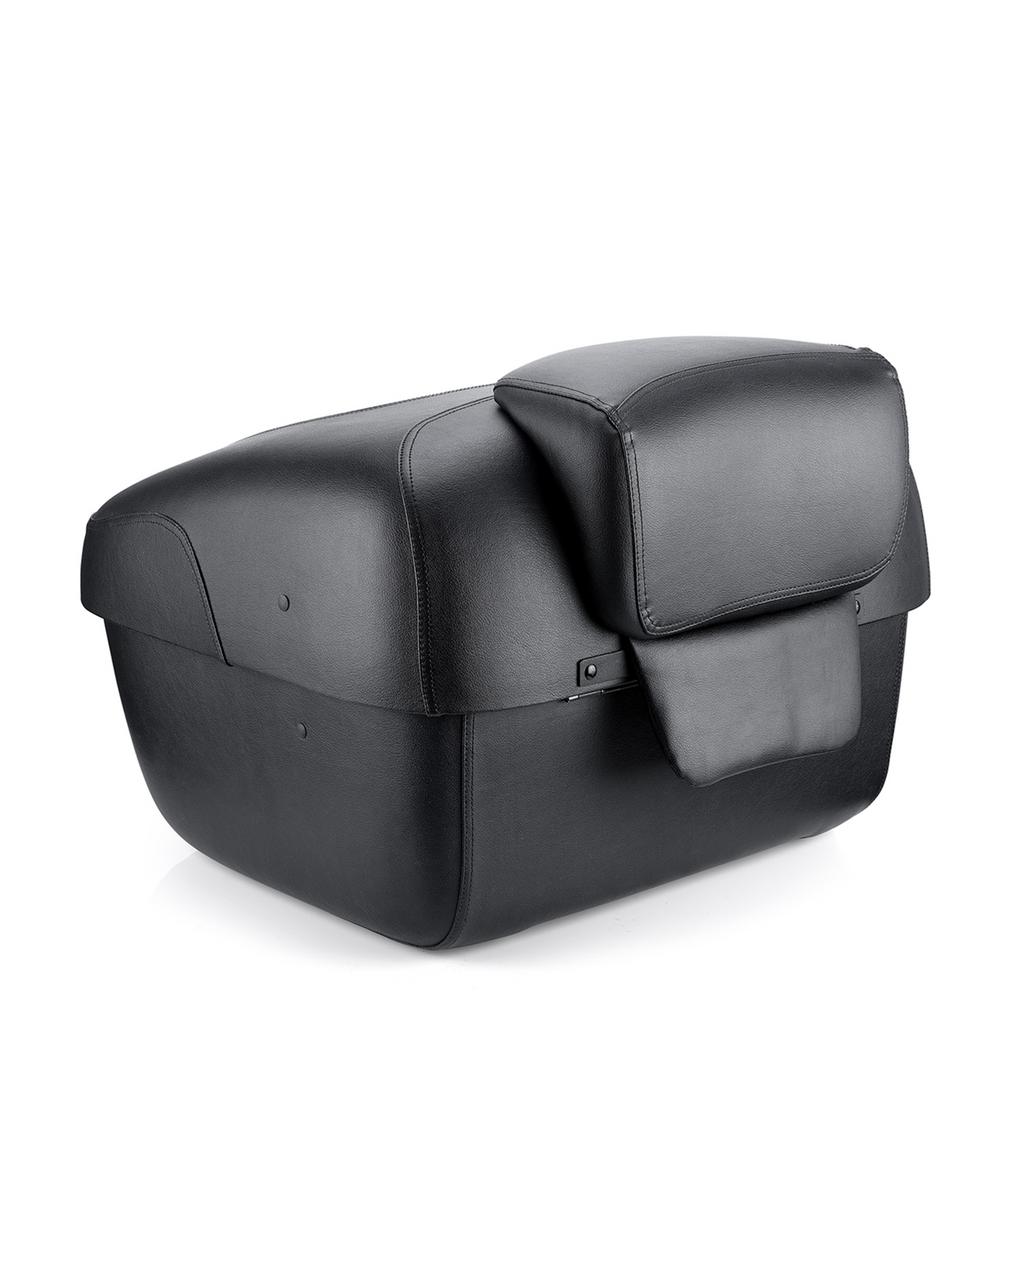 Yamaha Viking Premium Leather Wrapped Hard Trunk Back View